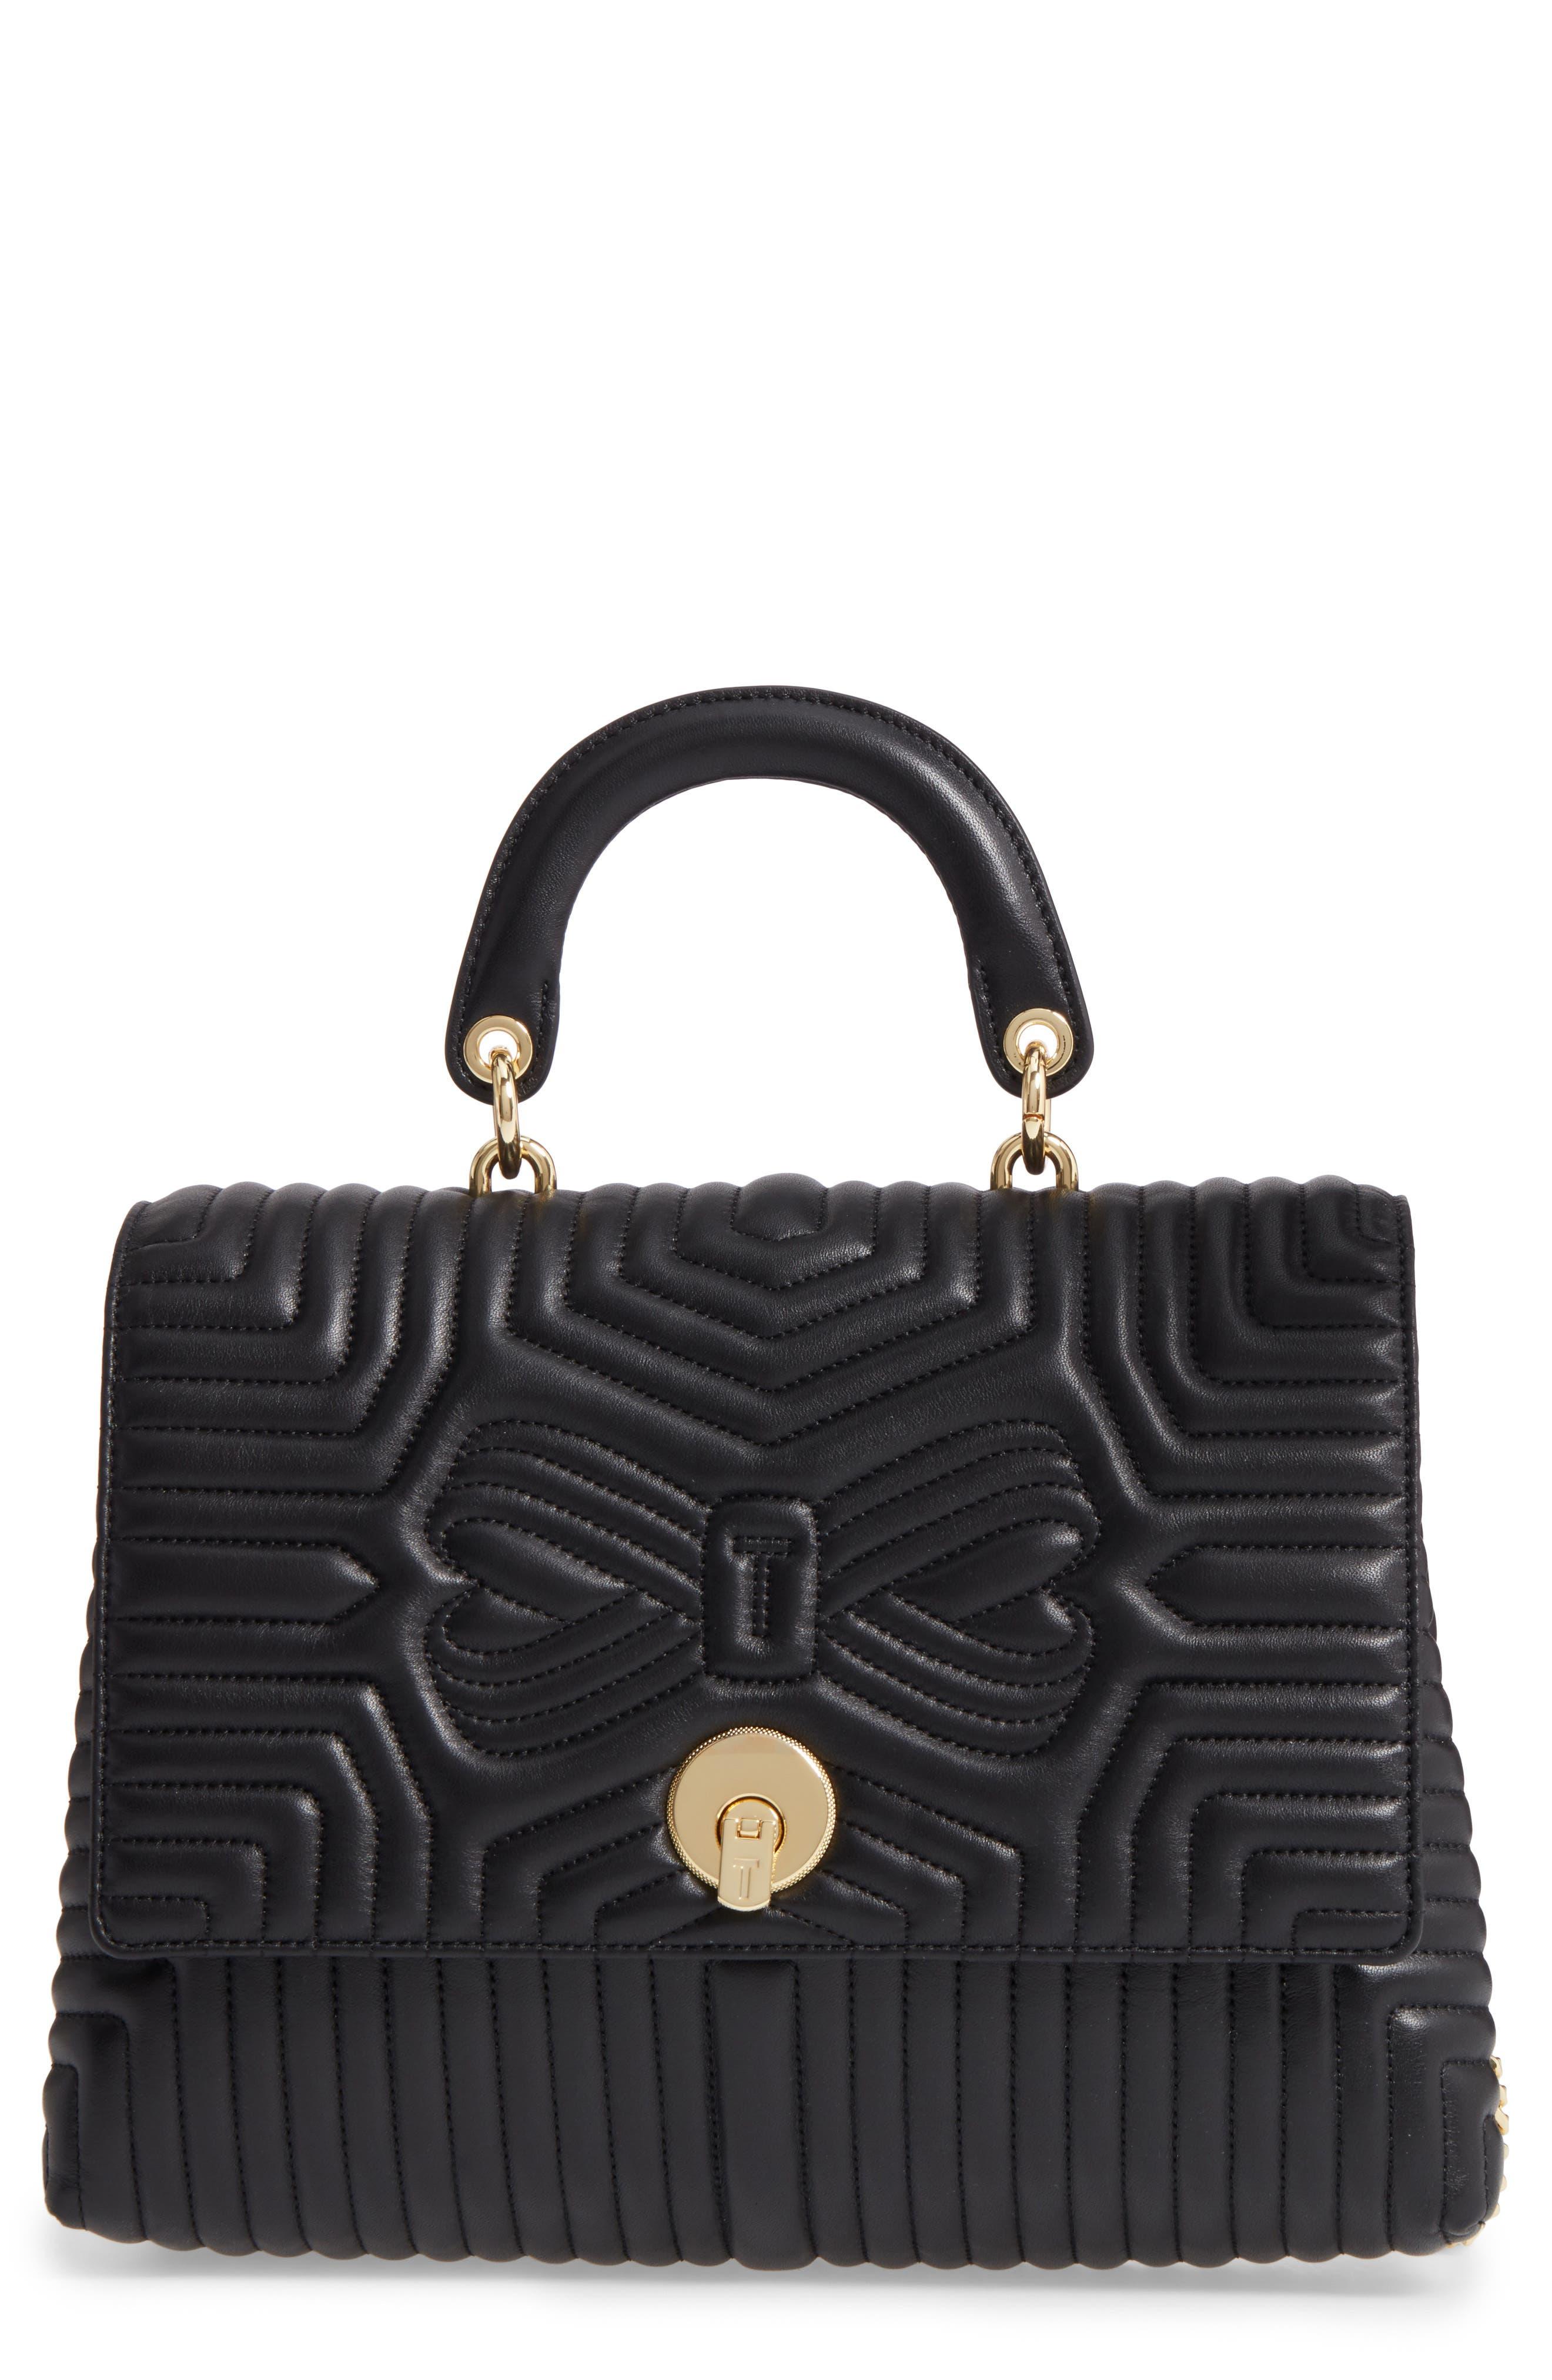 Vivida Quilted Leather Shoulder Bag,                         Main,                         color, Black